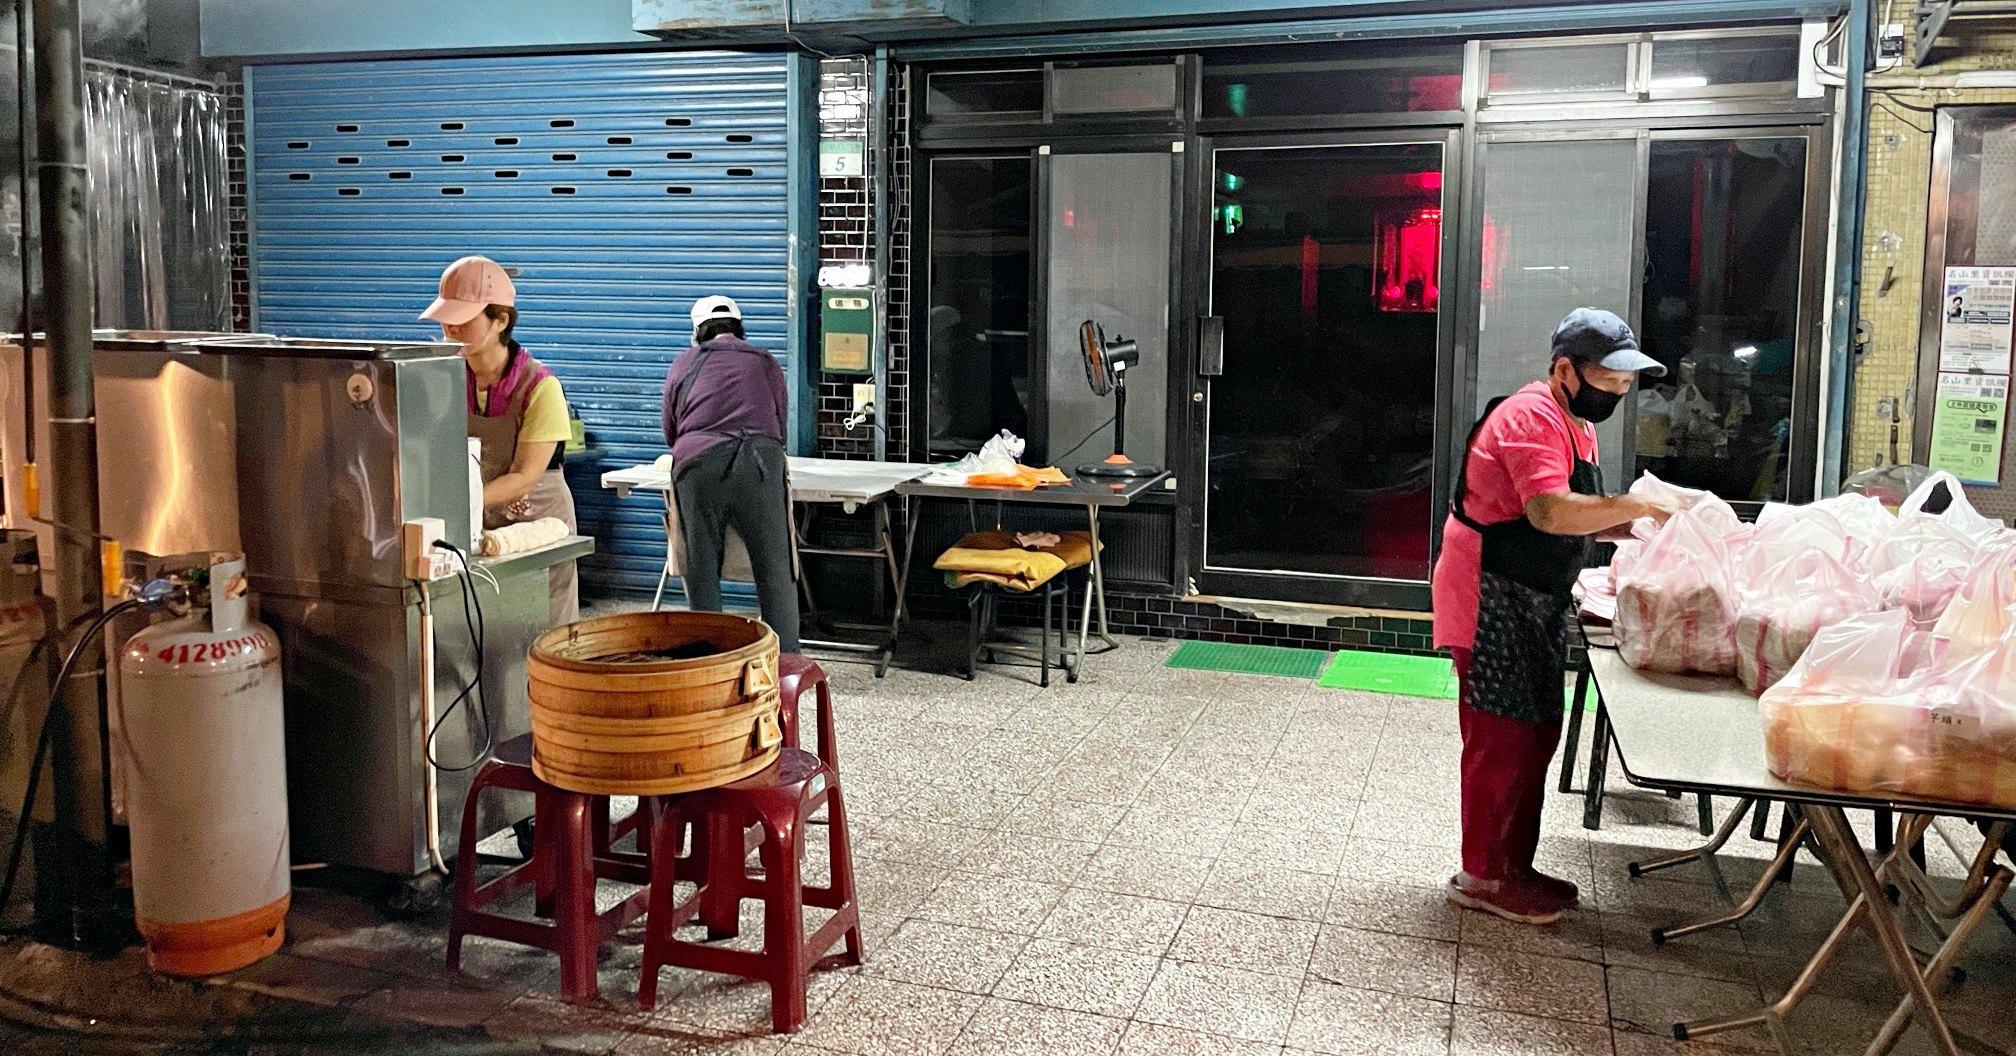 即時熱門文章:【天母美食】芝山岩阿婆肉包,凌晨五點開賣的神秘店家